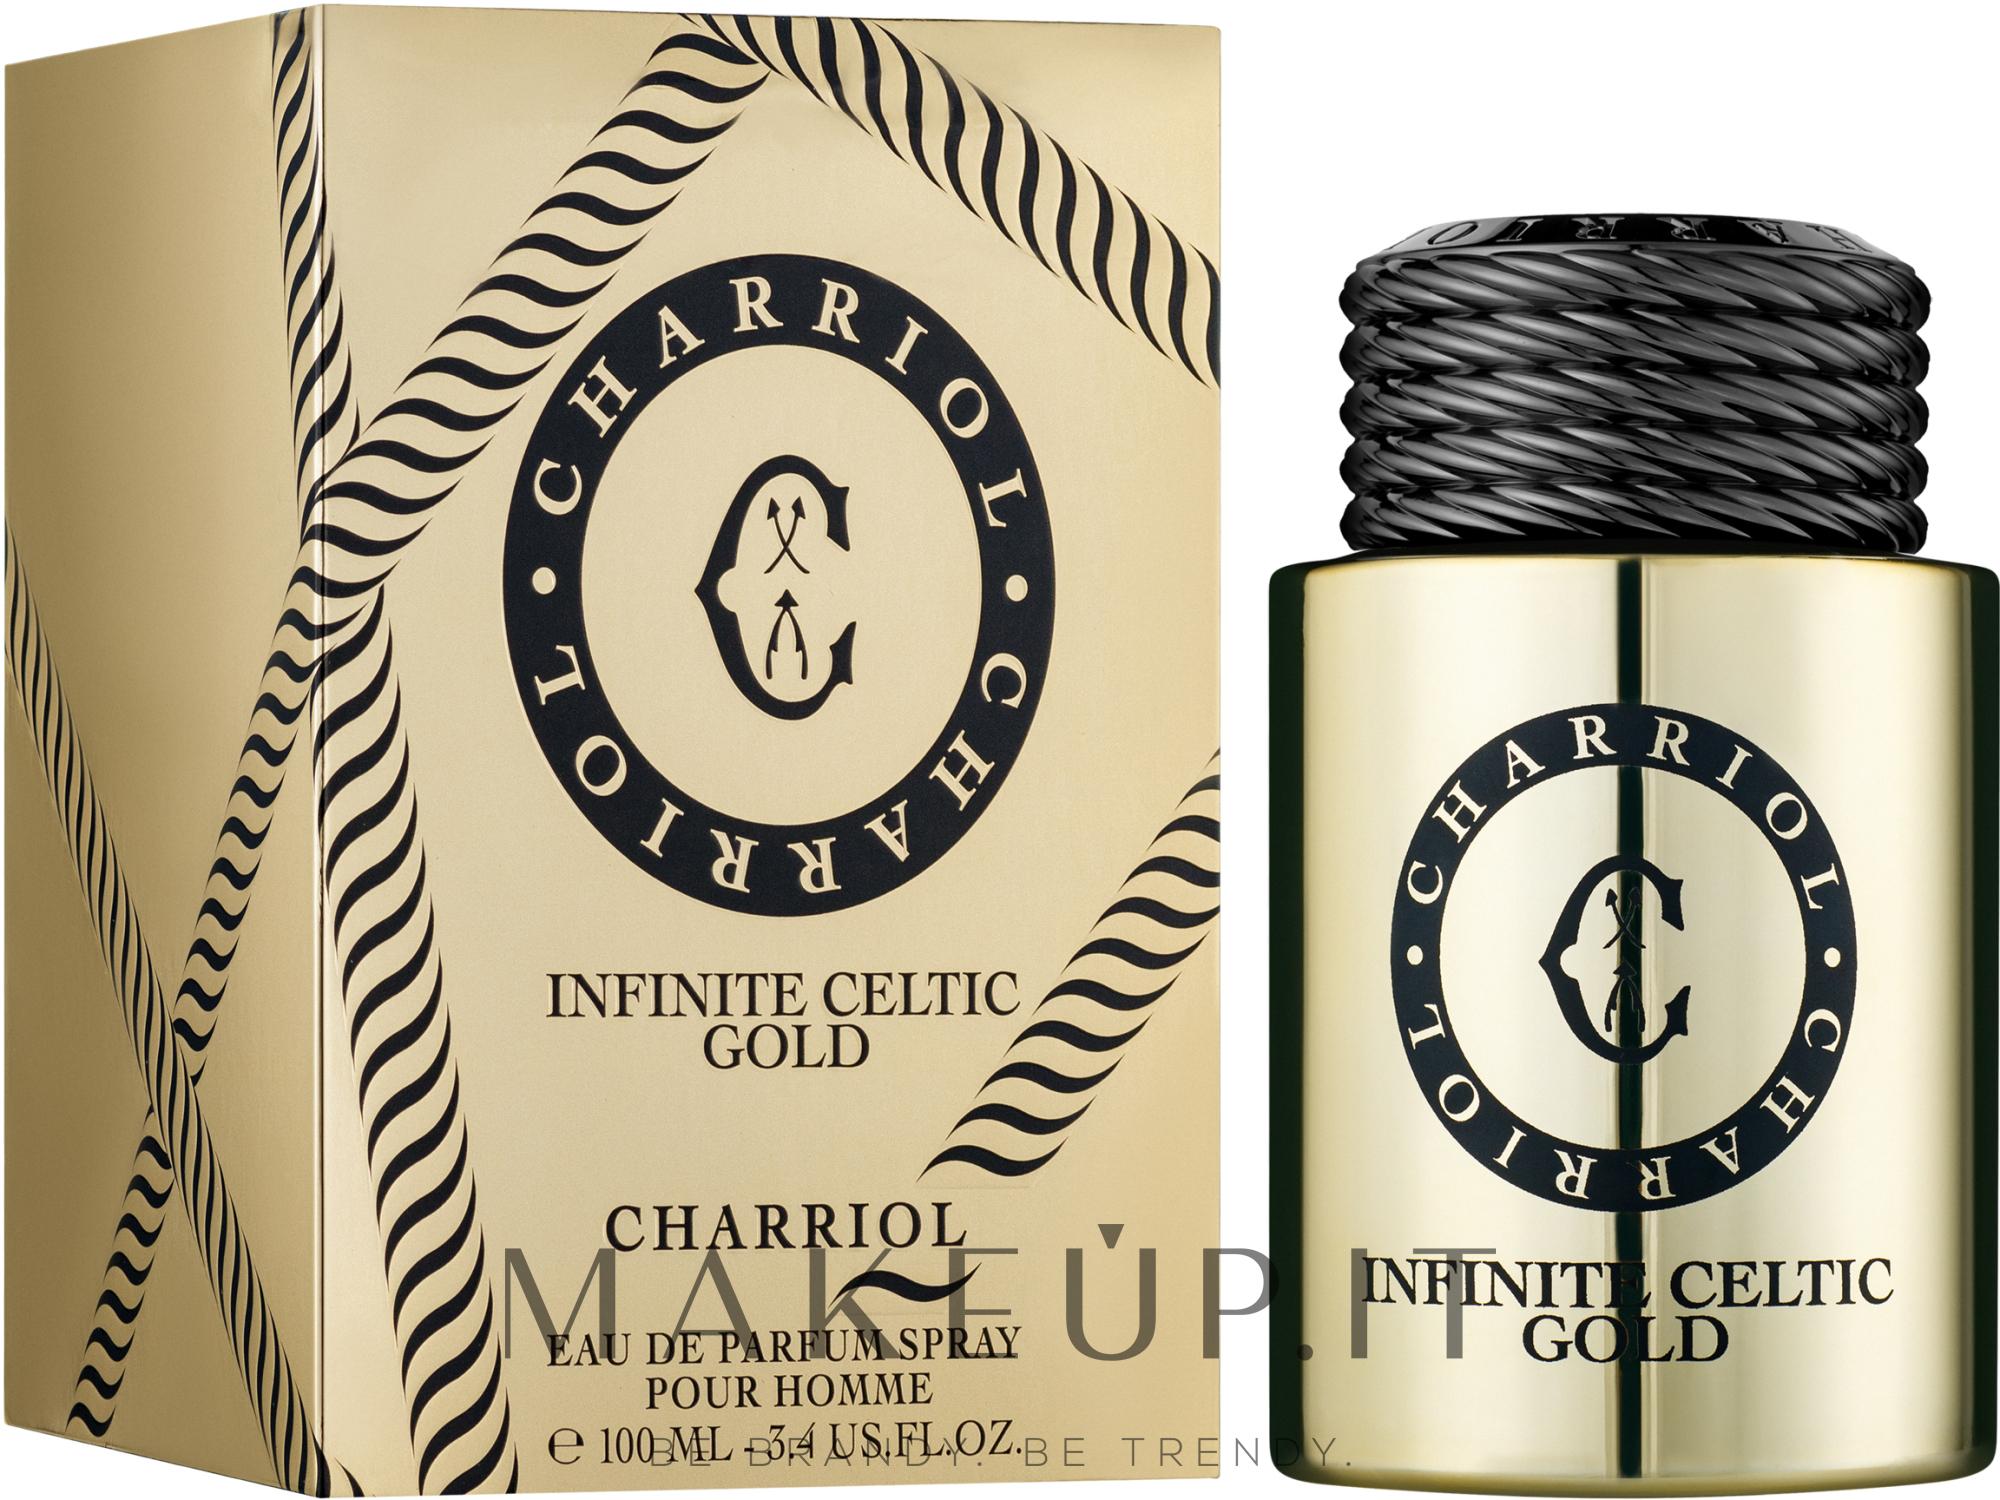 Charriol Infinite Celtic Gold - Eau de parfum — foto 100 ml